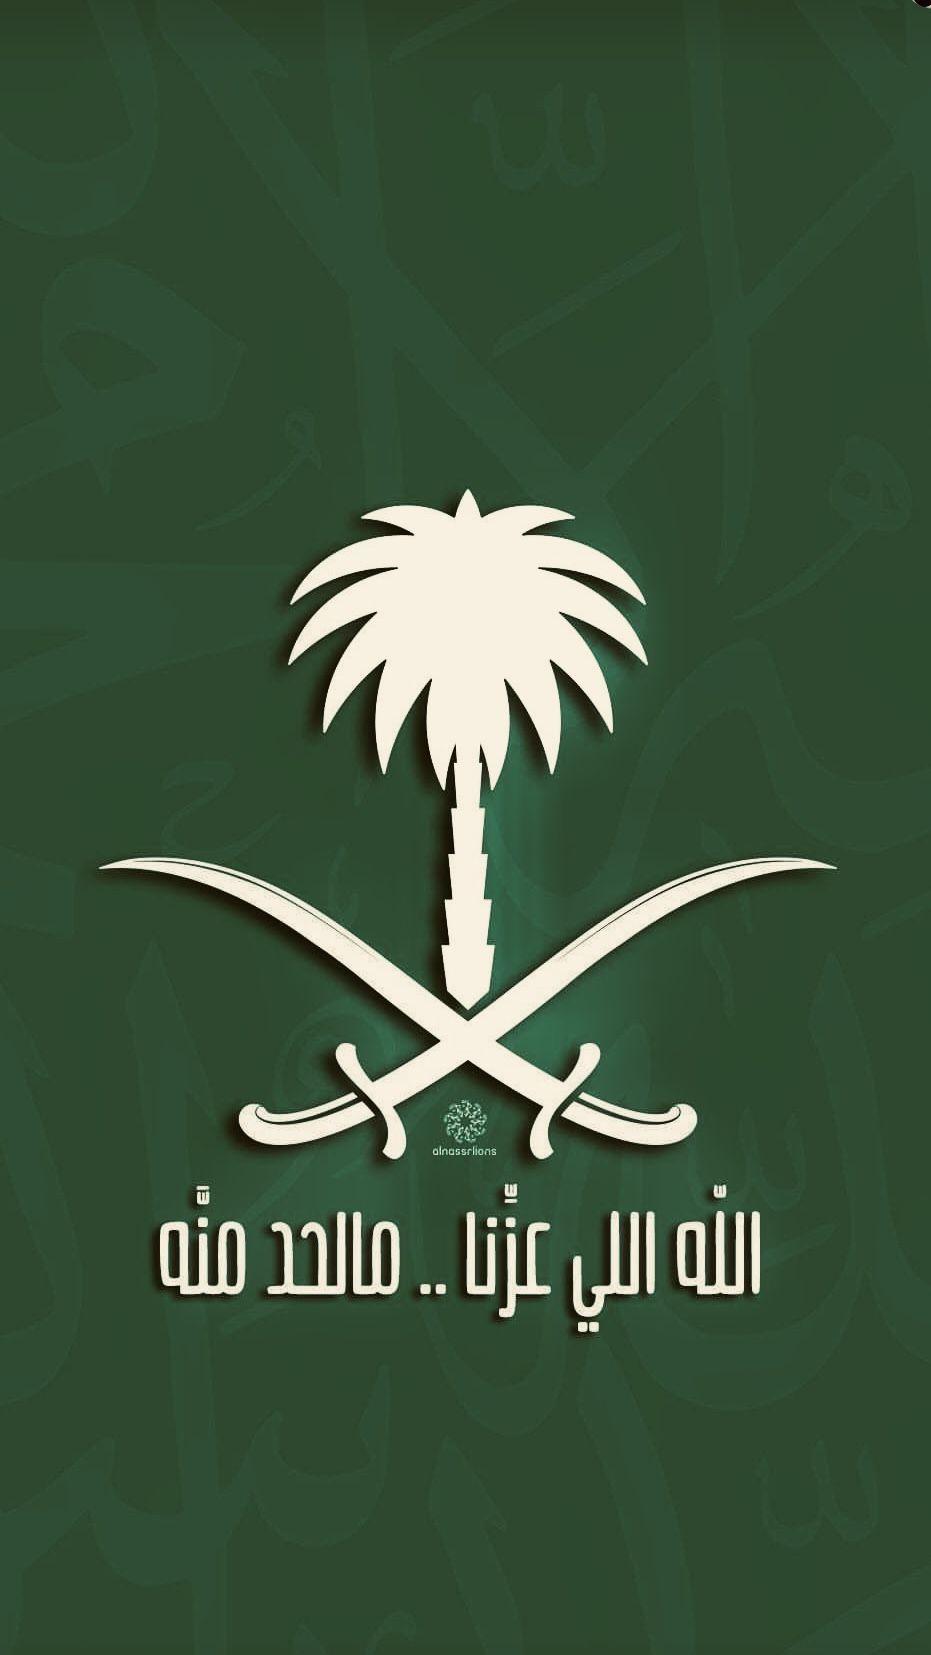 المملكة العربية السعودية Arabic Quotes Movie Posters Poster